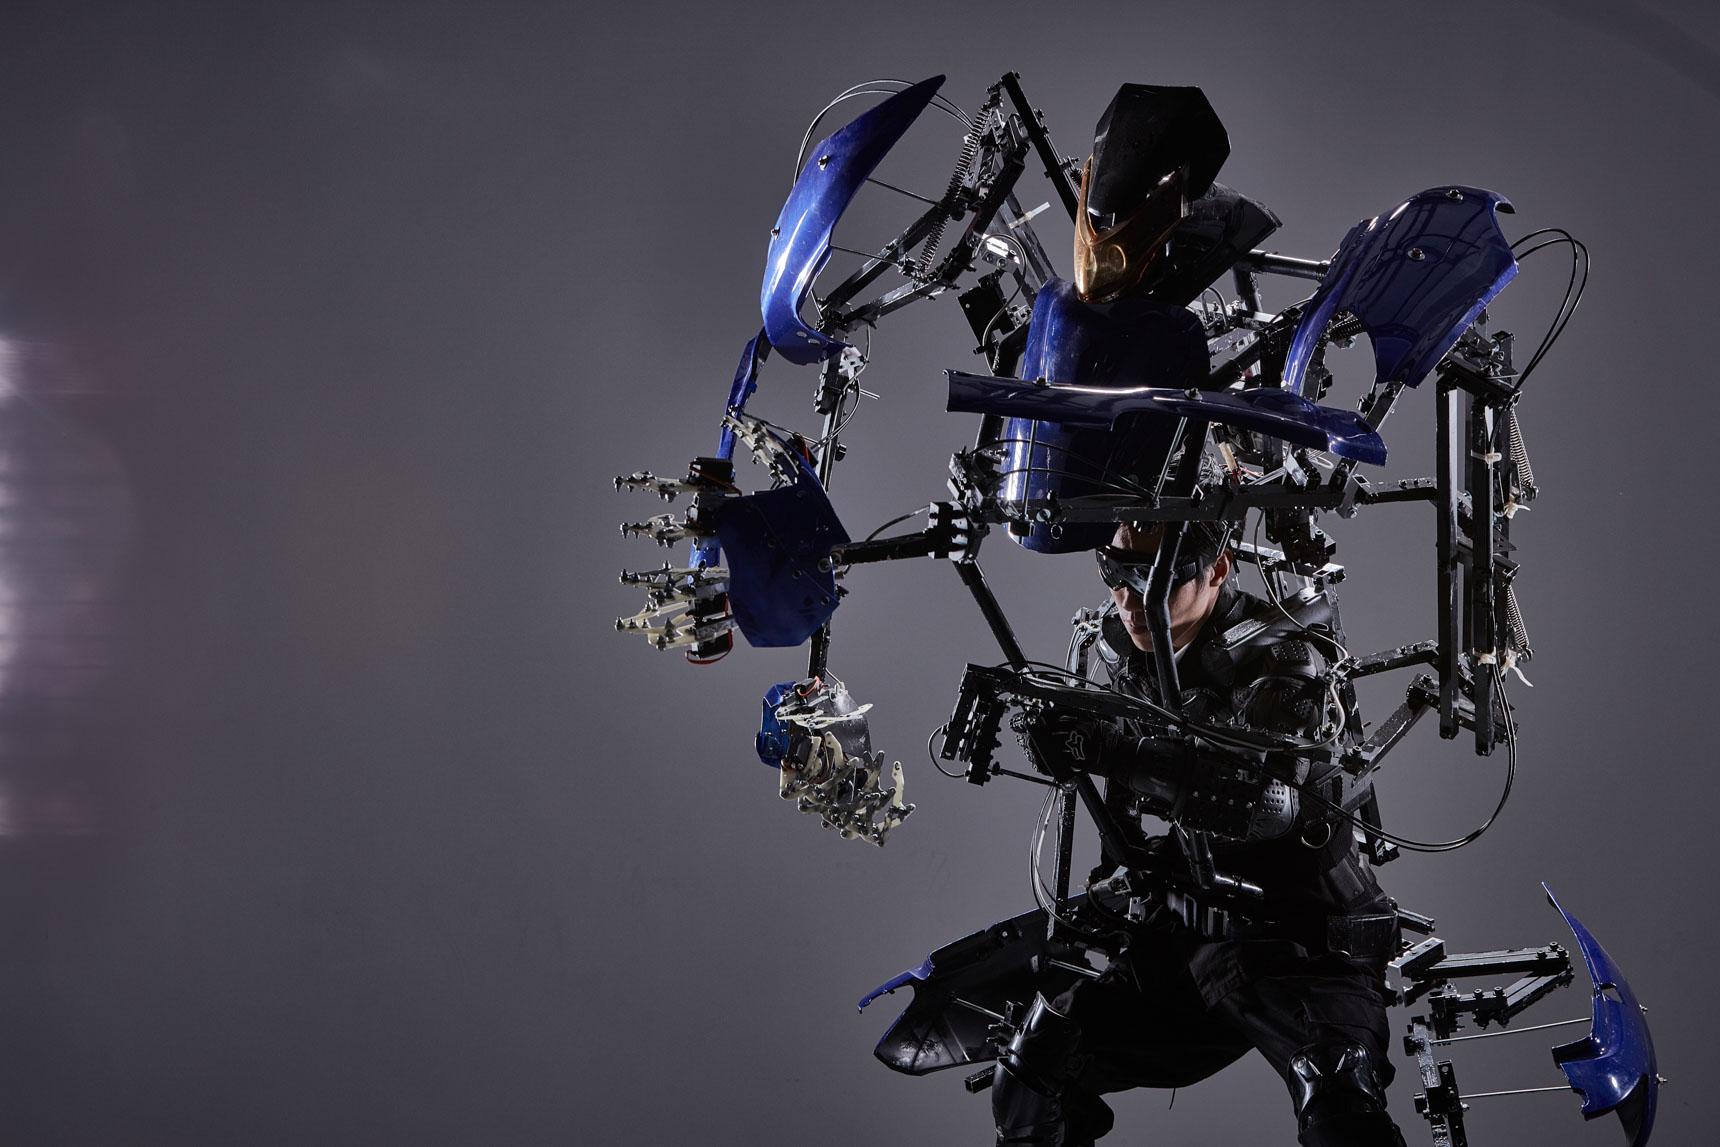 「スケルトニクス」は、電気ではなく、腕や足の動きに追従して動くリンク機構をつかって、ダイナミックな腕や足の動きを実現できる動作拡大型デバイス。10/26〜ららぽーと柏の葉で展示、11/2〜3の2日間は 見るだけでなく実際に装着して体験することができます。(写真提供:スケルトニクス株式会社)